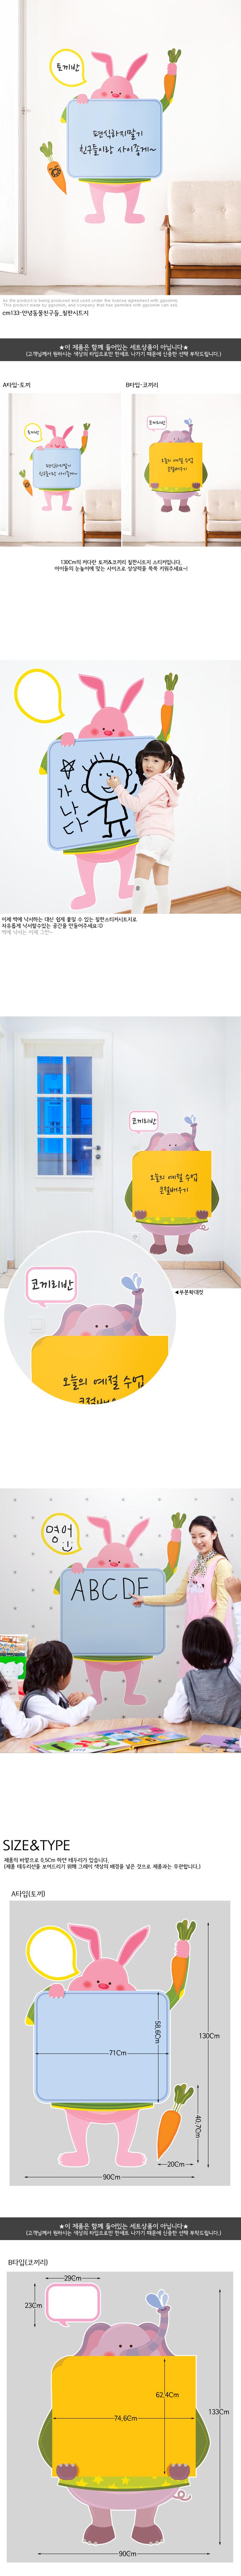 cm133-안녕동물친구들_칠판시트지_칠판스티커 - 꾸밈, 44,000원, 월데코스티커, 기타데코